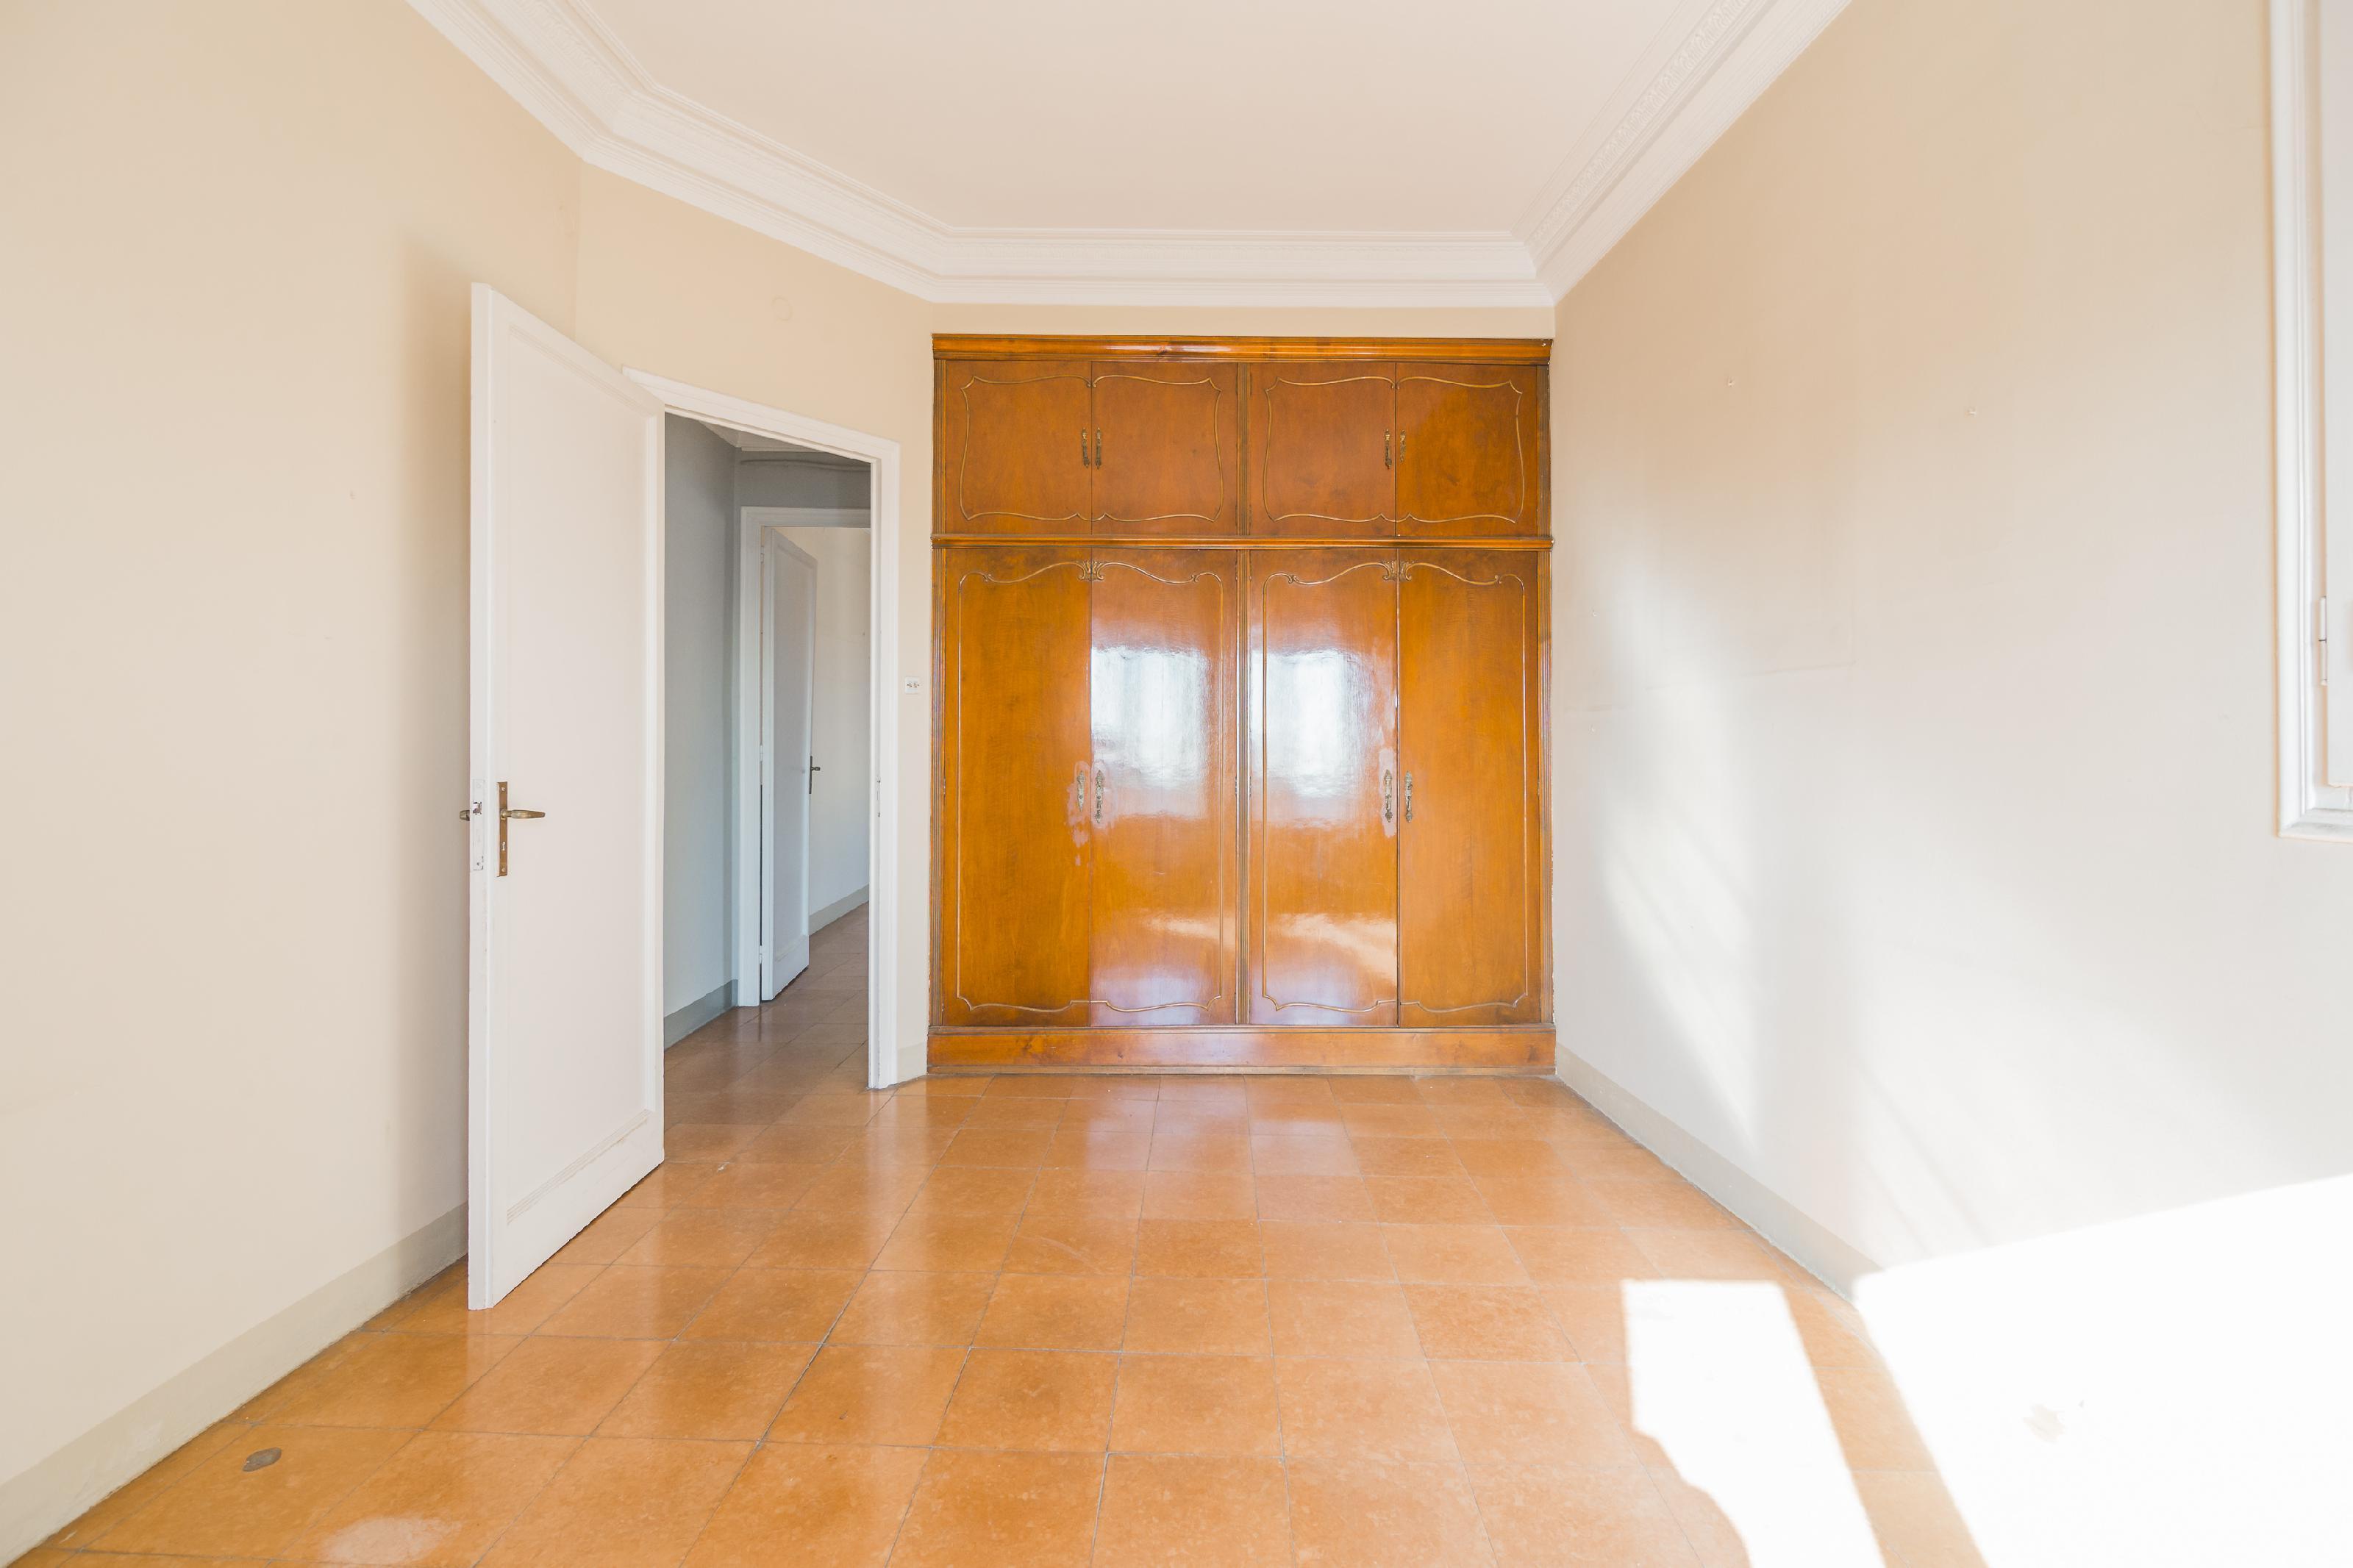 246643 Penthouse for sale in Sarrià-Sant Gervasi, St. Gervasi-Bonanova 35